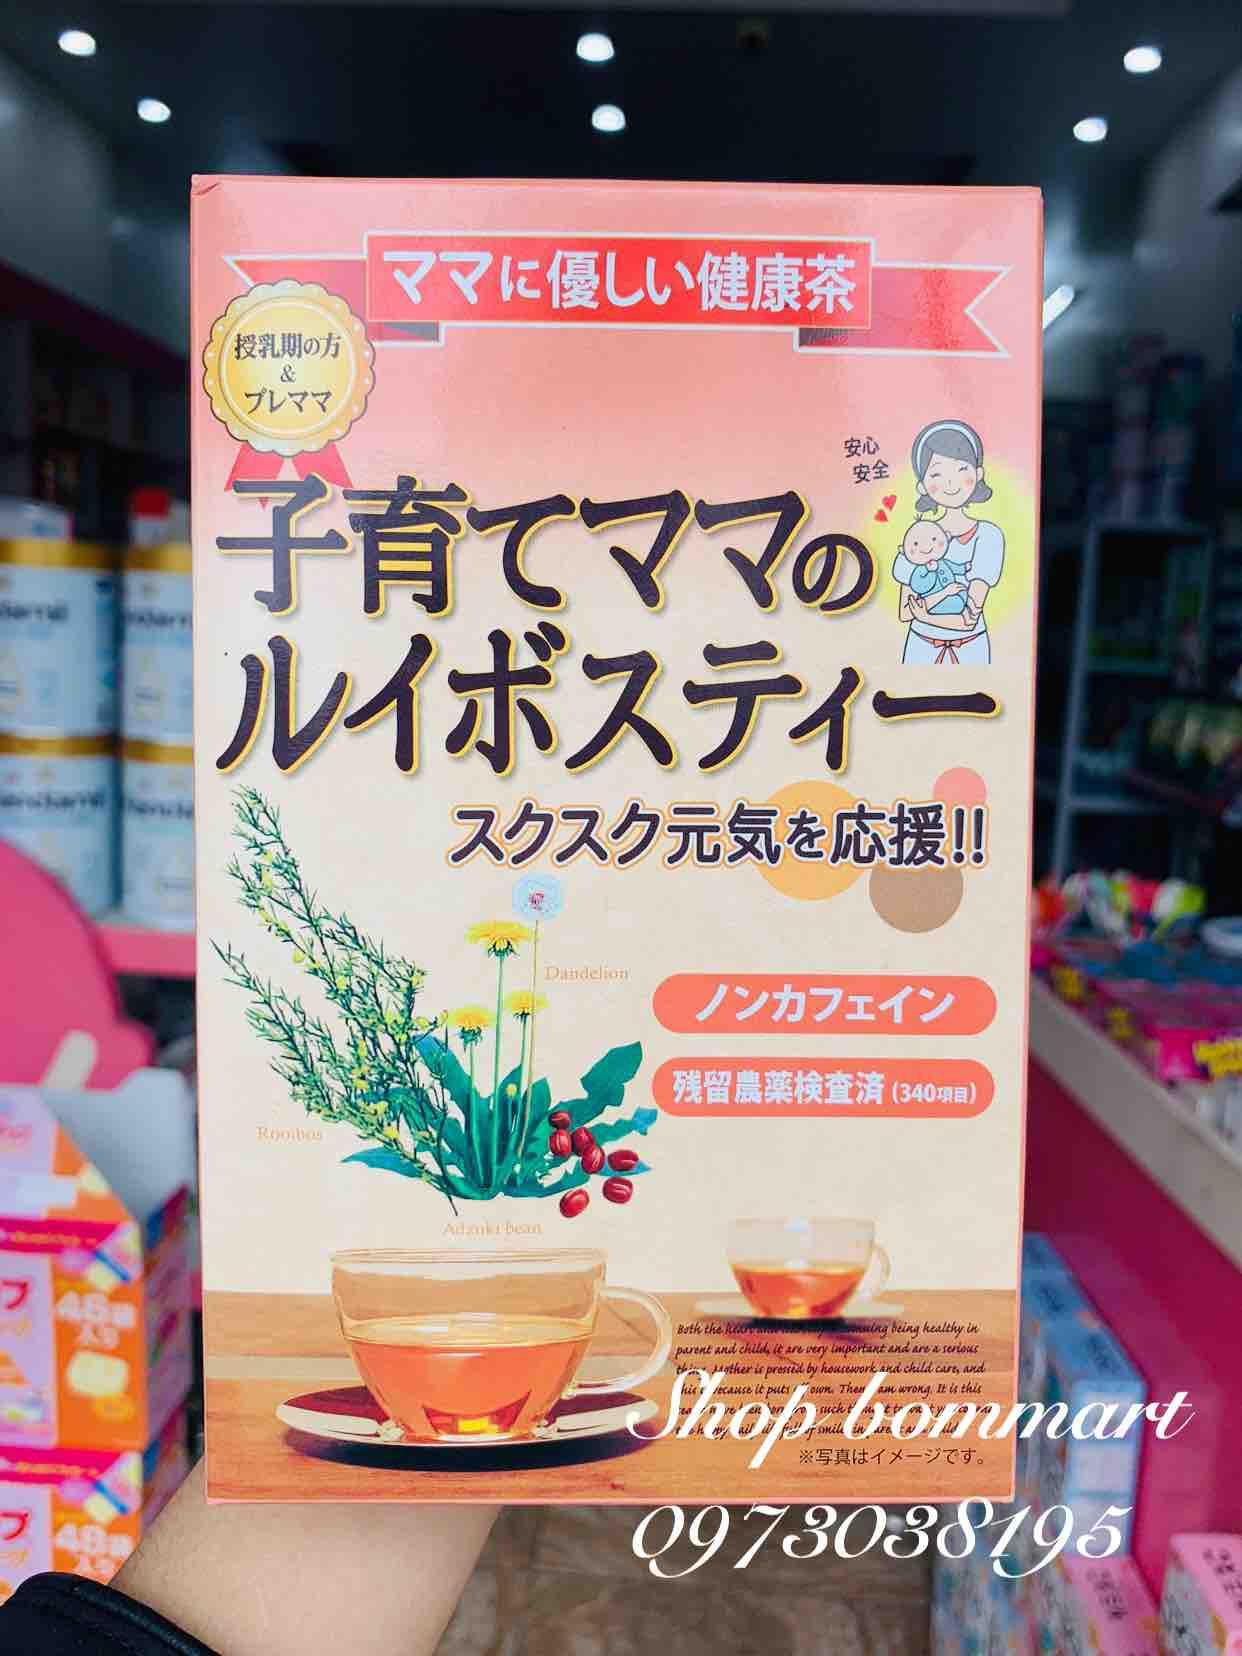 Hồng trà lợi sữa nhật bản showaseiyaku hộp 24 gói nhập khẩu